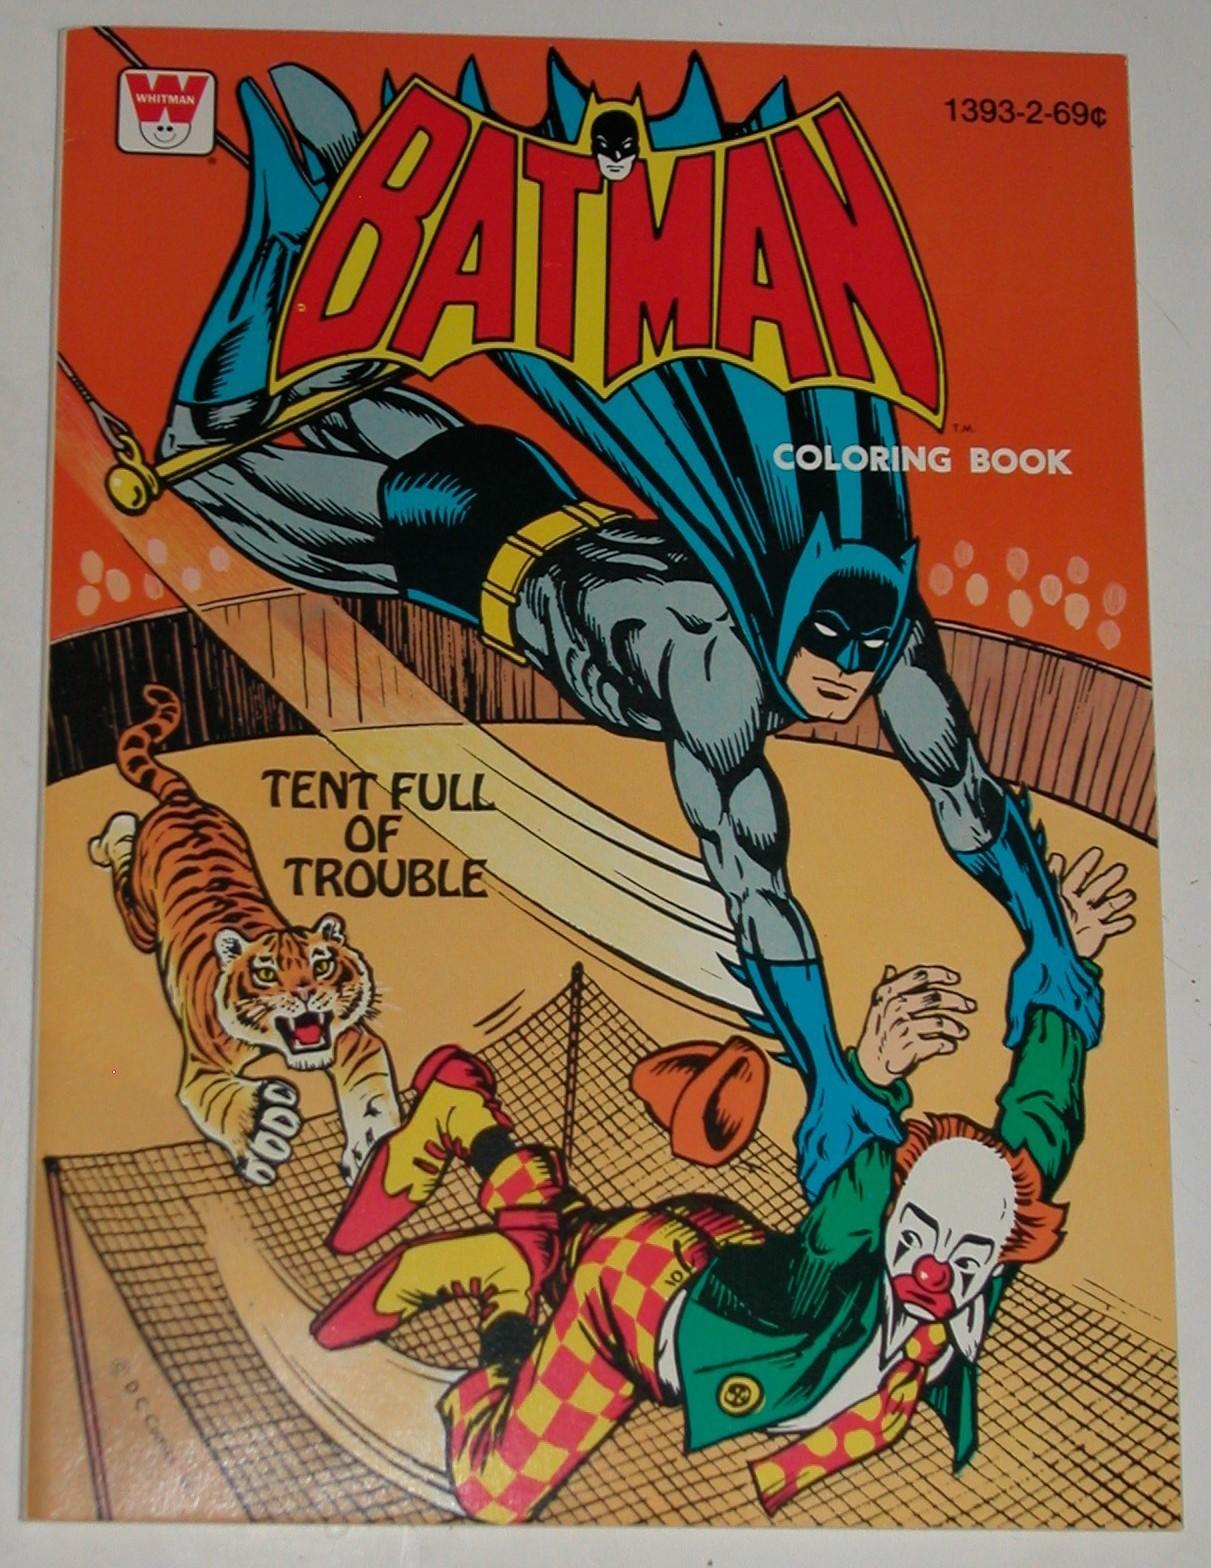 Vintage Batman Coloring Books